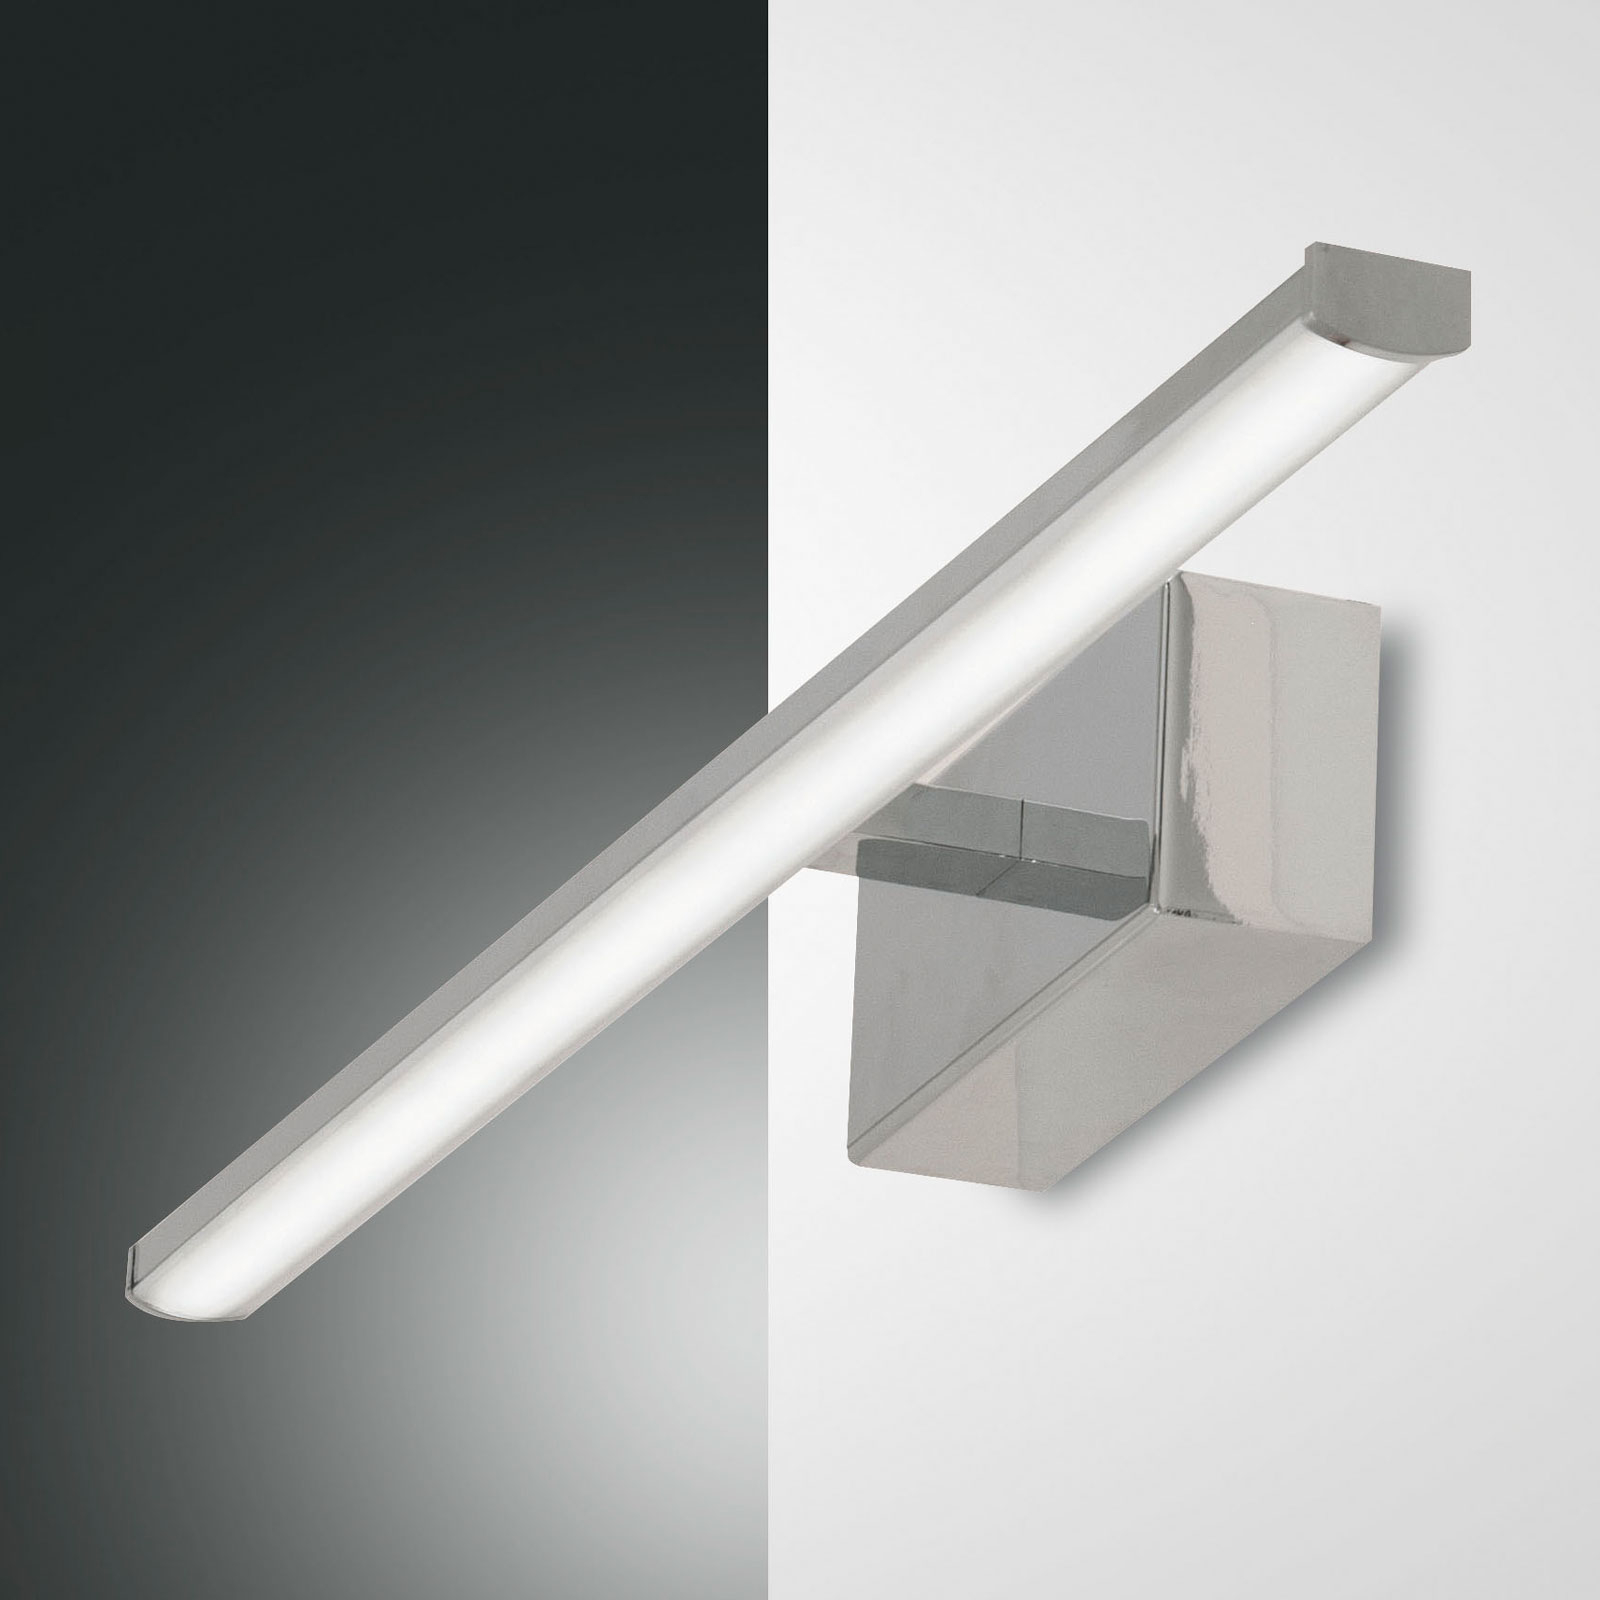 LED wandlamp Nala, chroom, breedte 50 cm